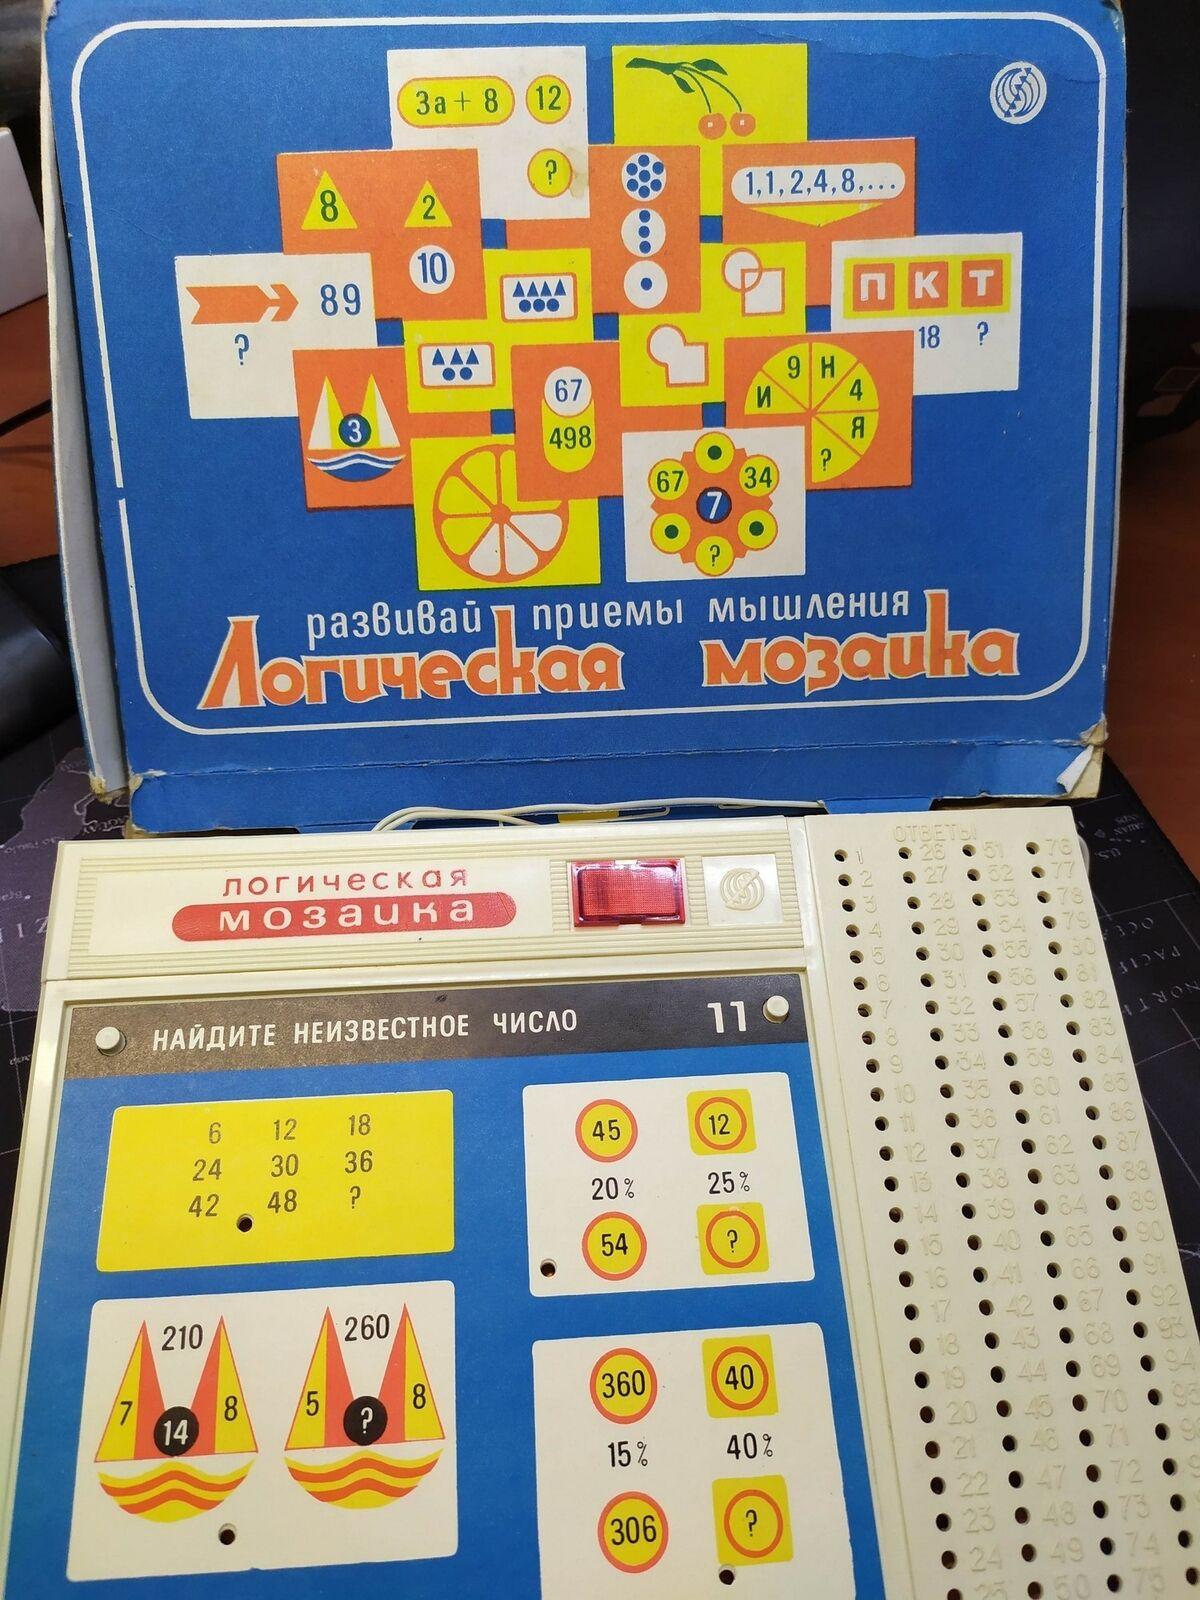 VINTAGE URSS jouet mosaïque Logique Board Game Puzzles électroniques old table jeu